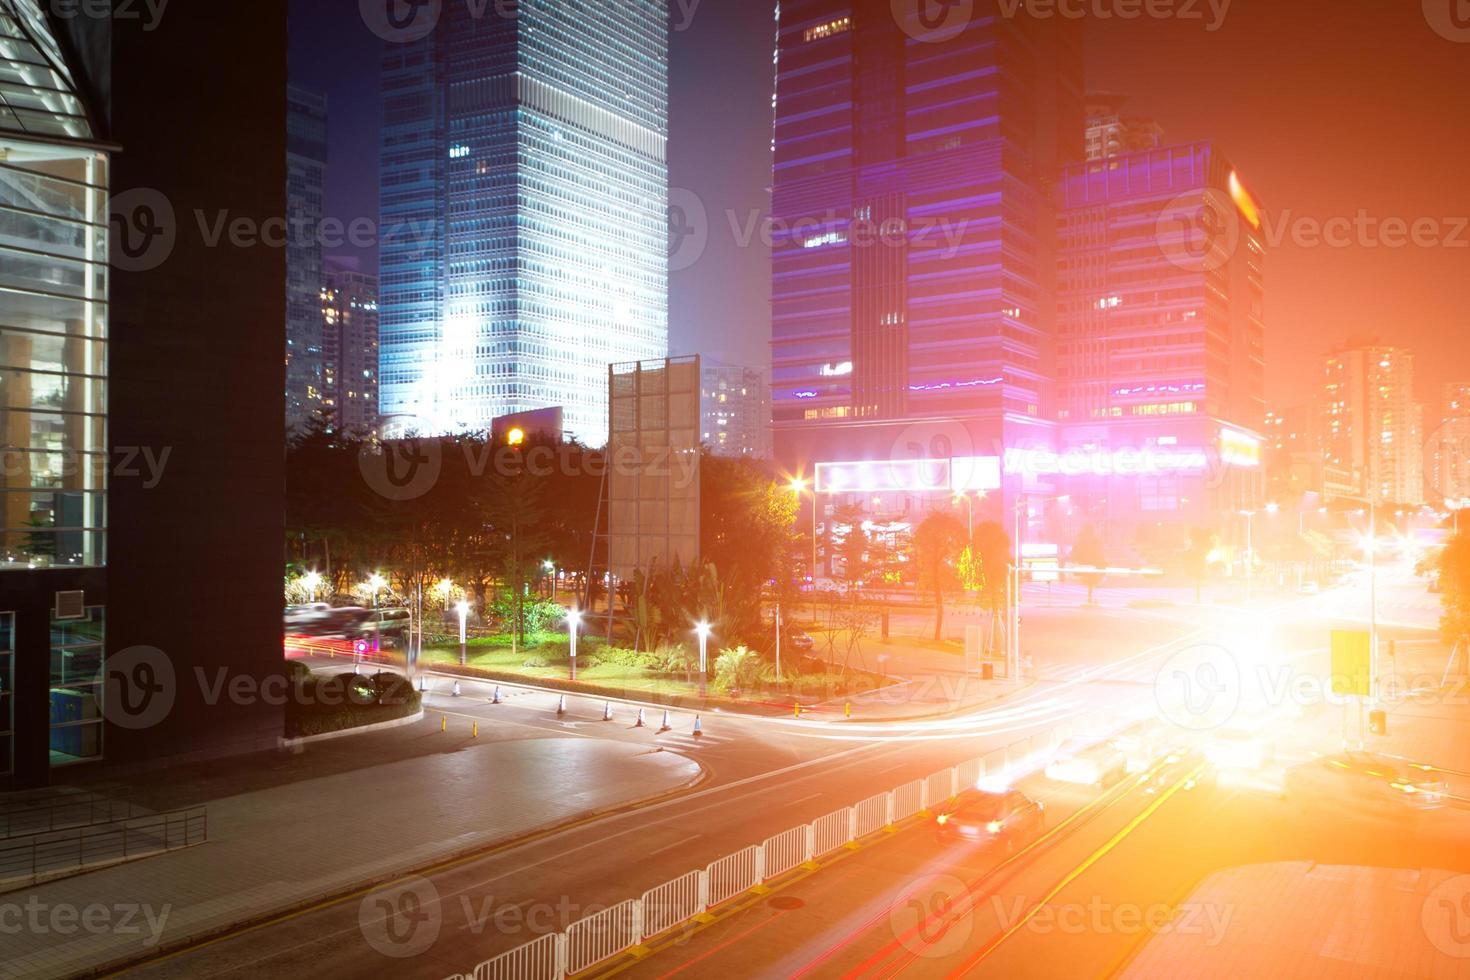 ciudad moderna fondo nocturno foto